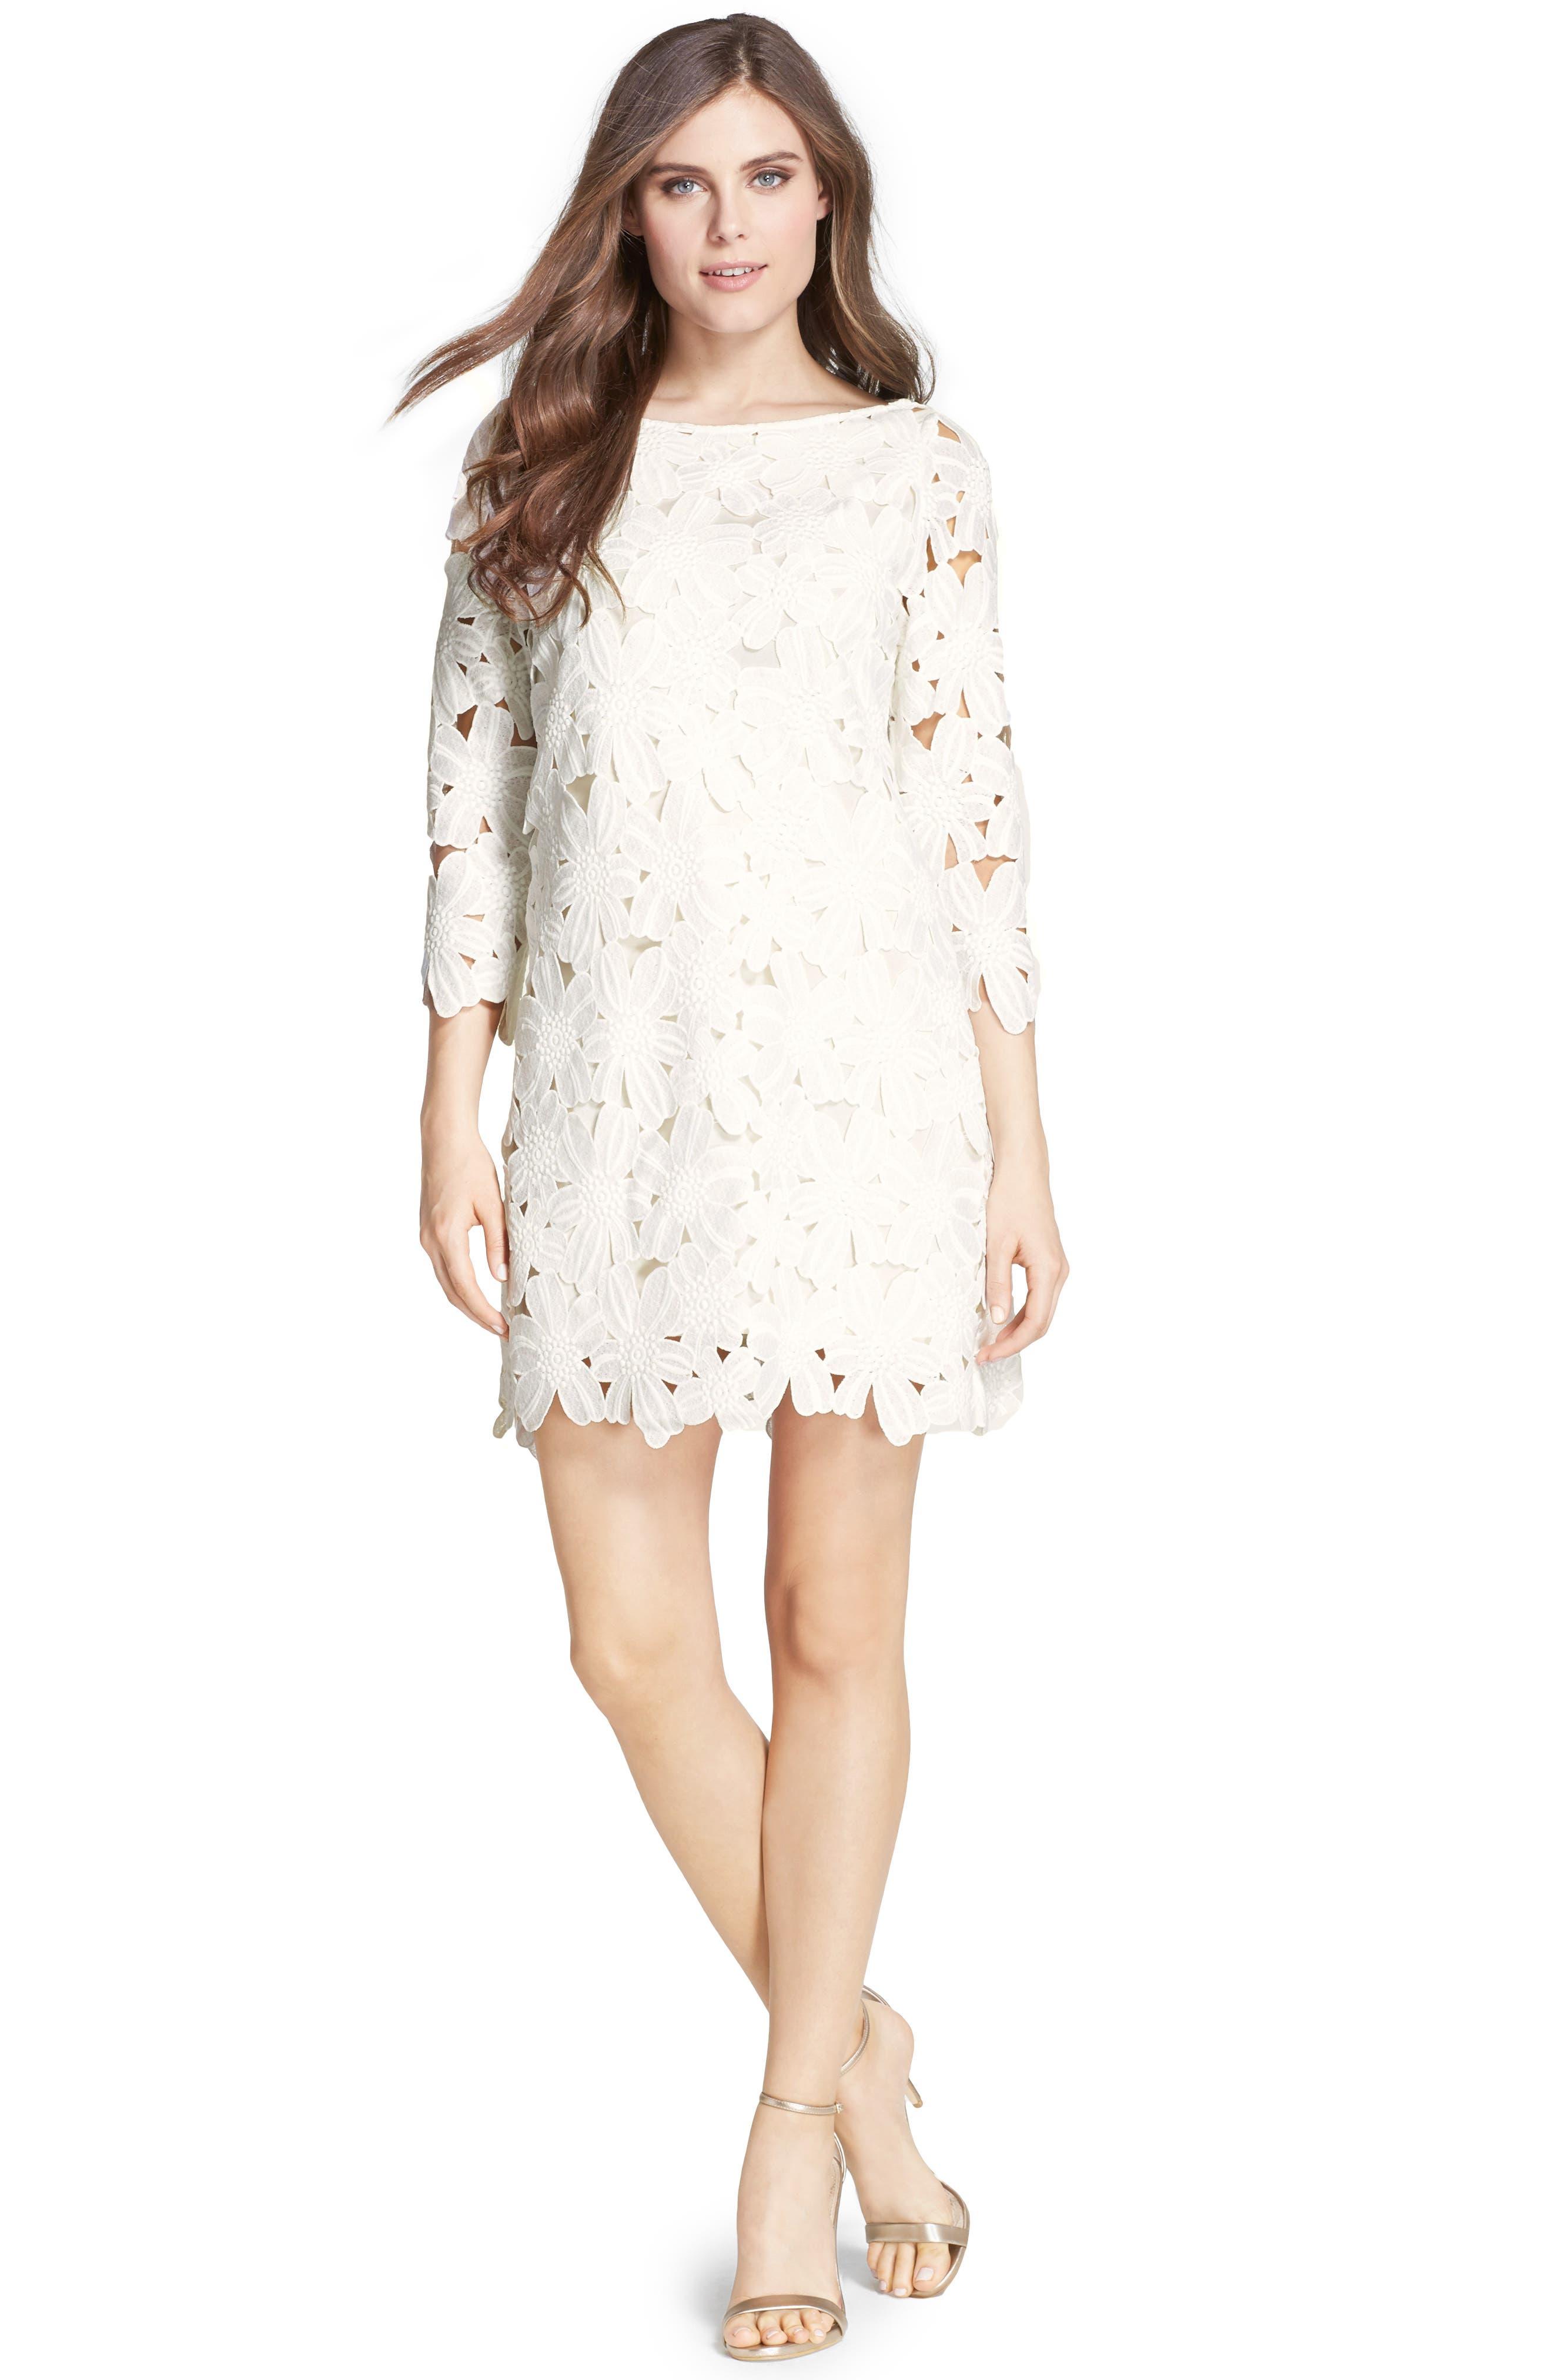 Belza Floral Lace Shift Dress,                             Alternate thumbnail 9, color,                             100